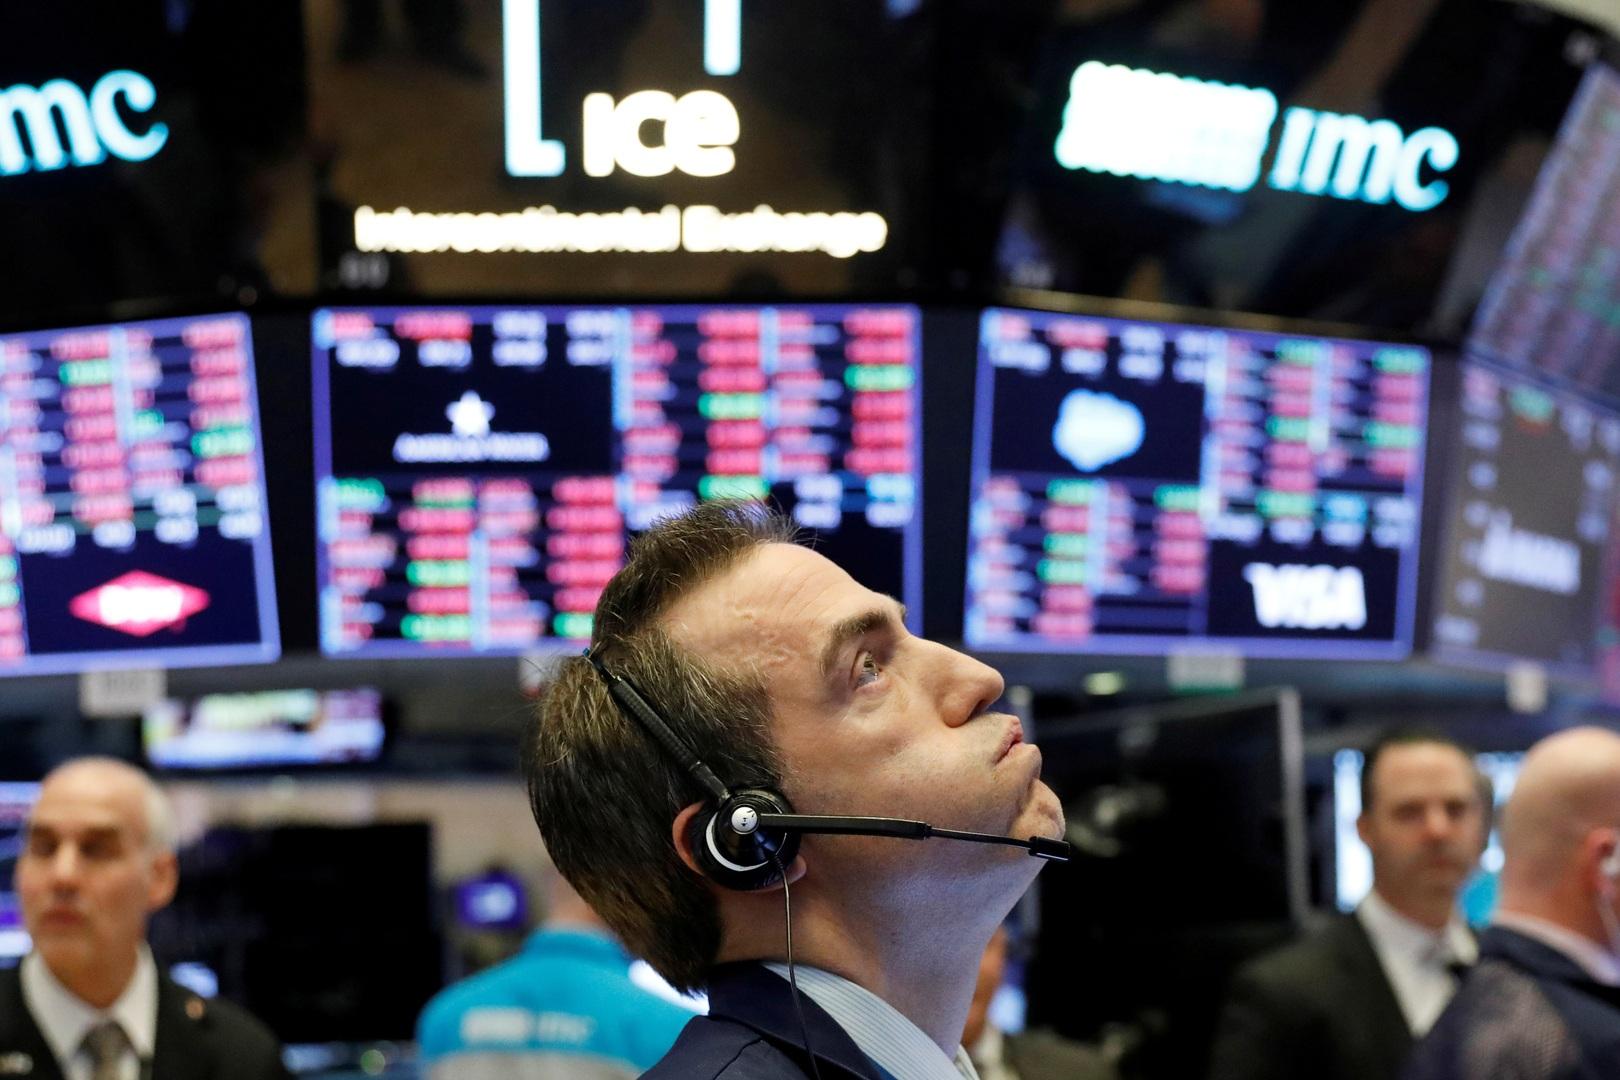 البورصة الأمريكية تهوي بعد إجراء للمركزي الأمريكي